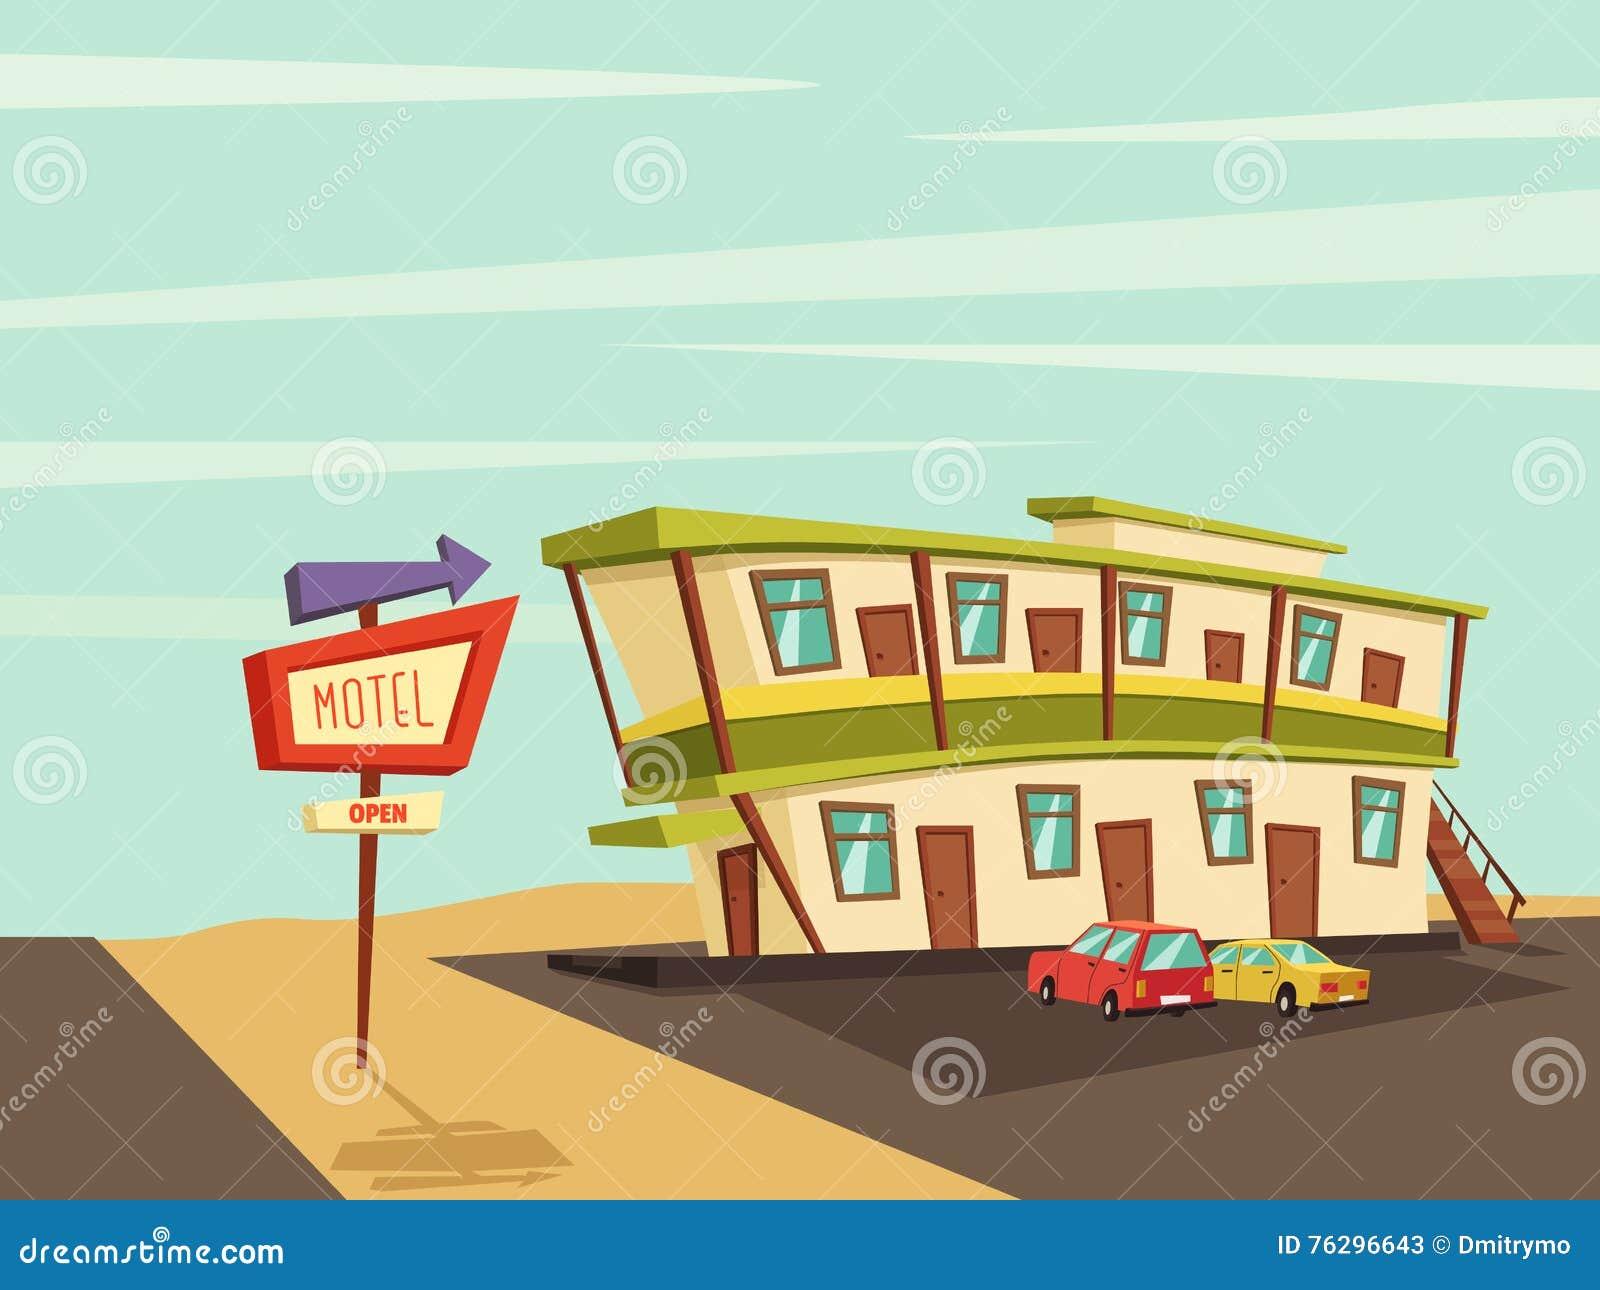 Motel w pustyni stary signboard chłopiec kreskówka zawodzący ilustracyjny mały wektor